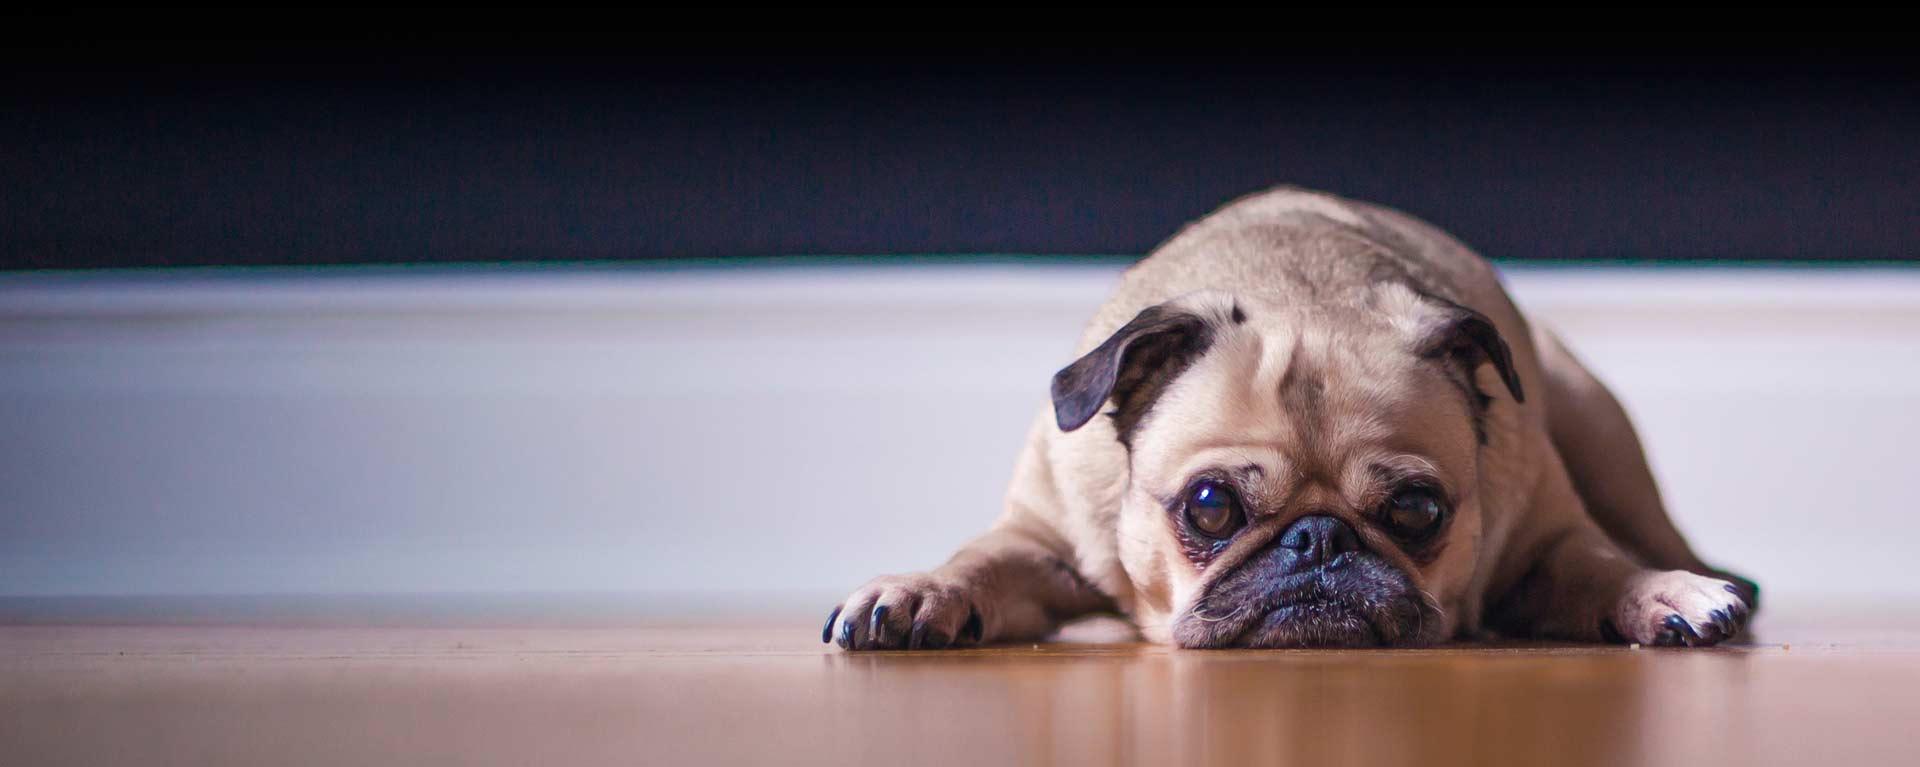 clinica delta perro pug